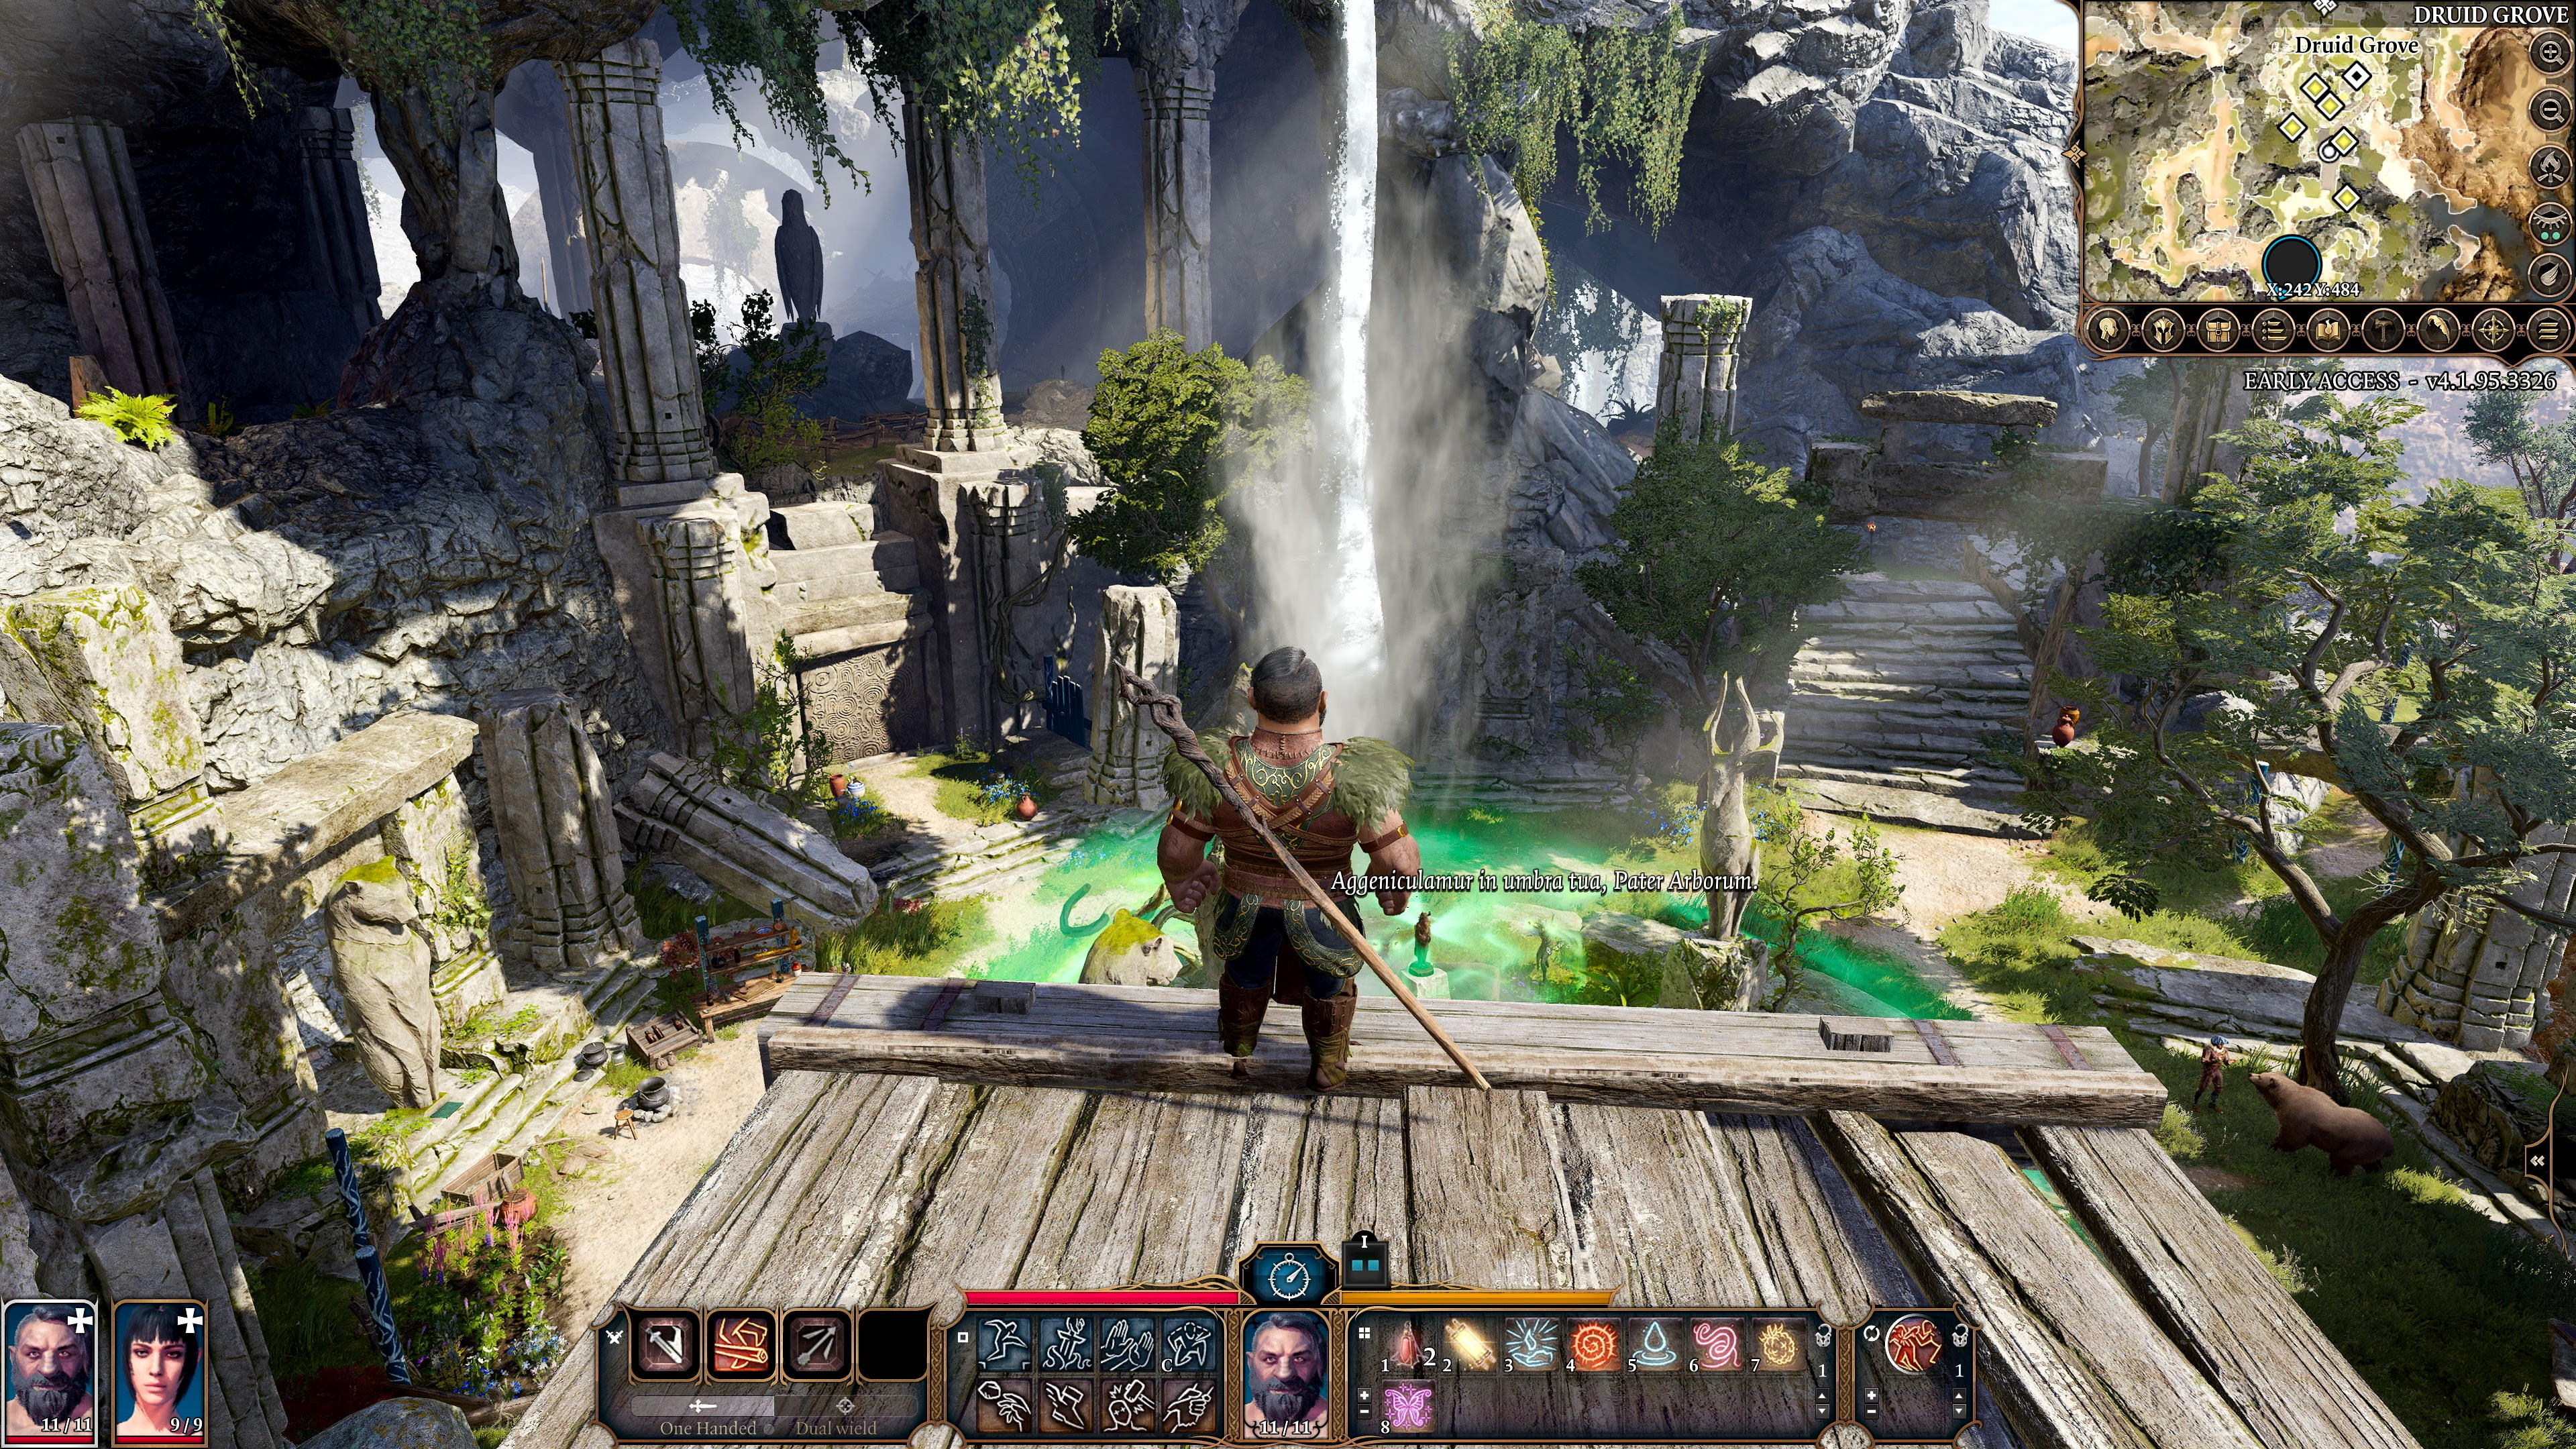 Геймплей [4K] - Baldur's Gate 3